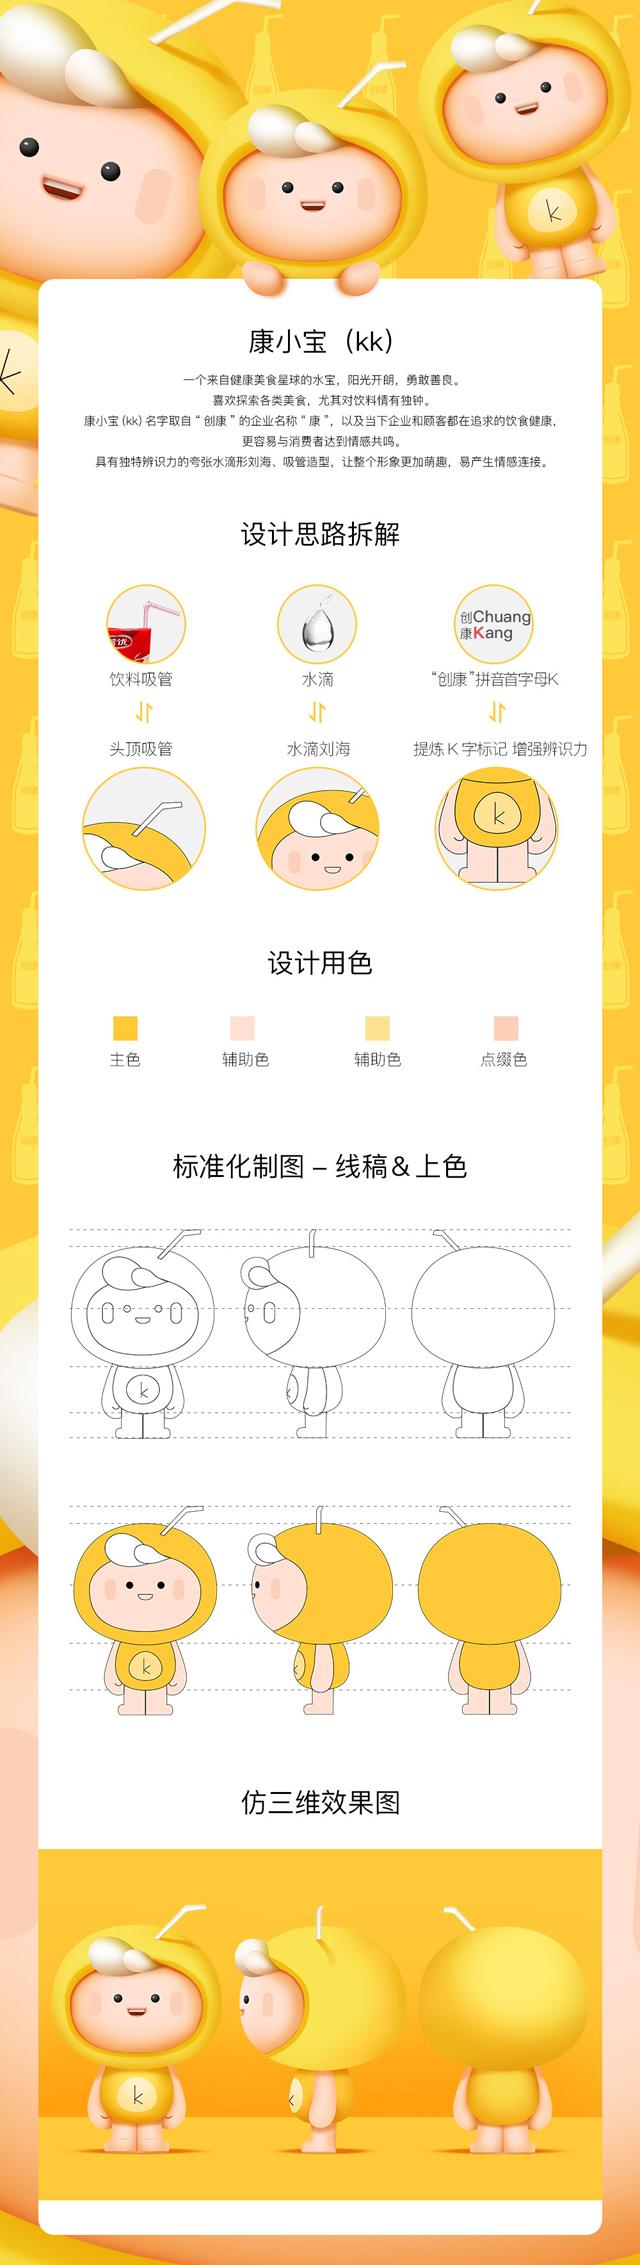 食品饮料企业卡通形象设计